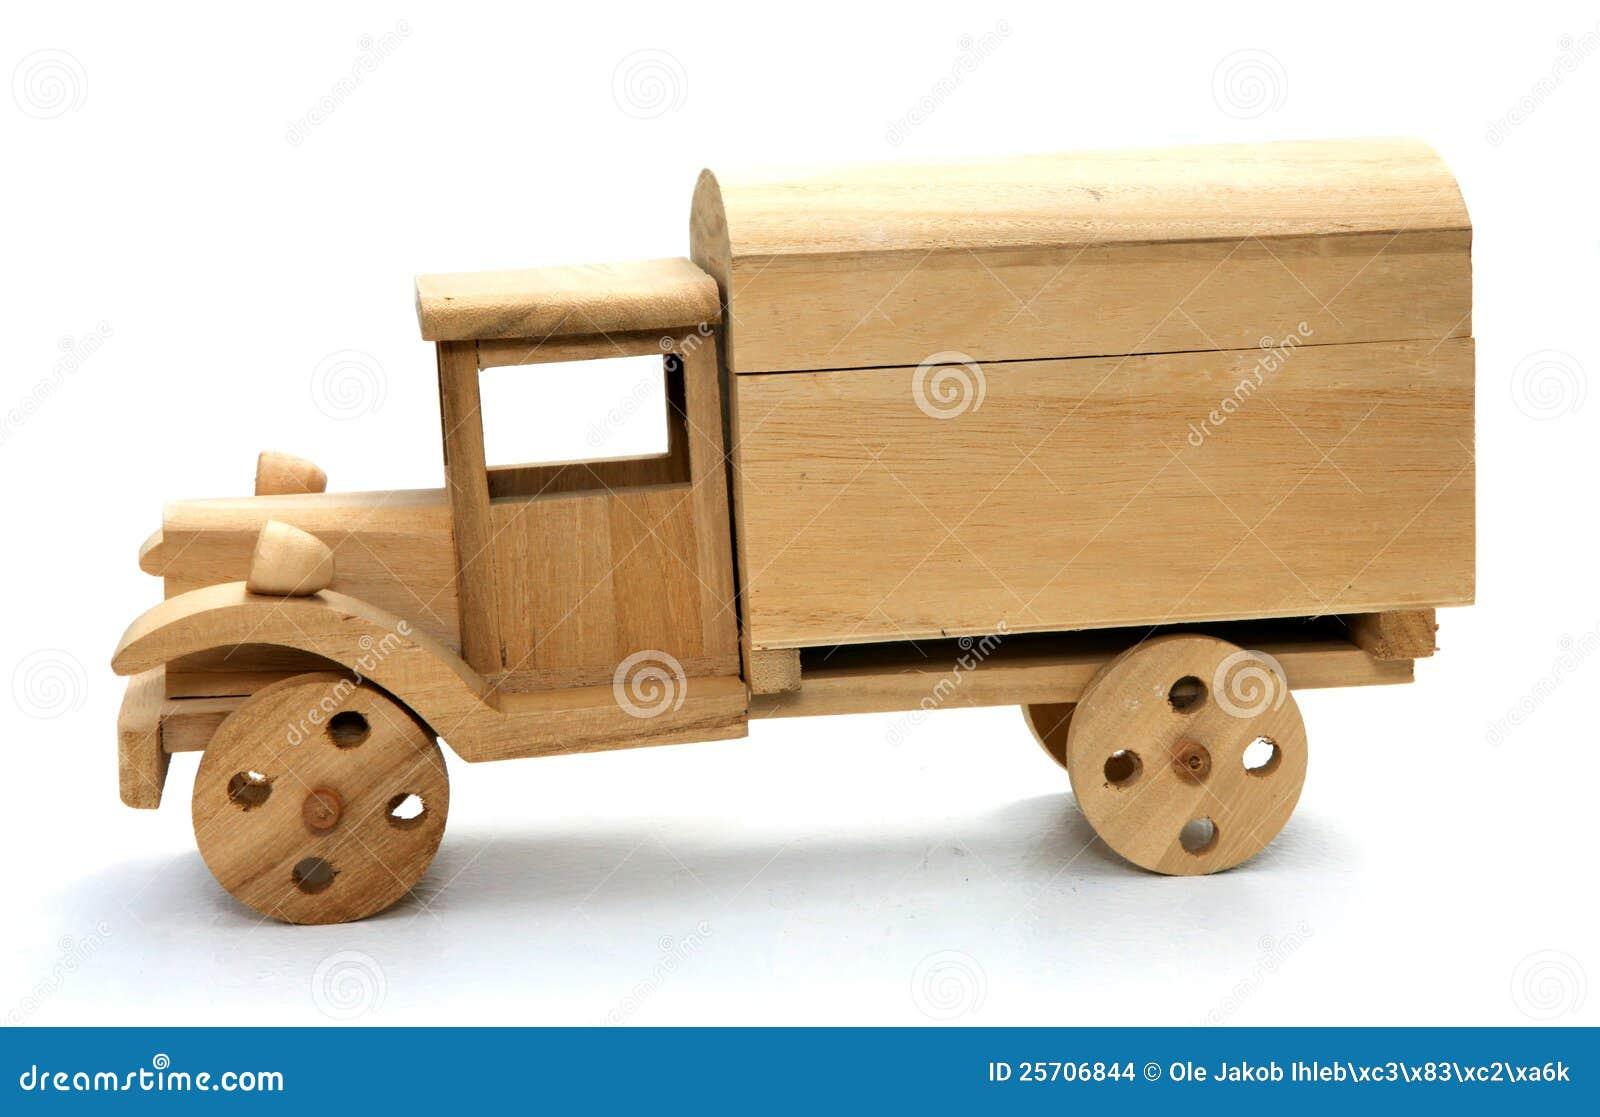 Rails et Wagons WOOD N PLAY : King Jouet, Jeux en bois WOOD N PLAY  Jeux de